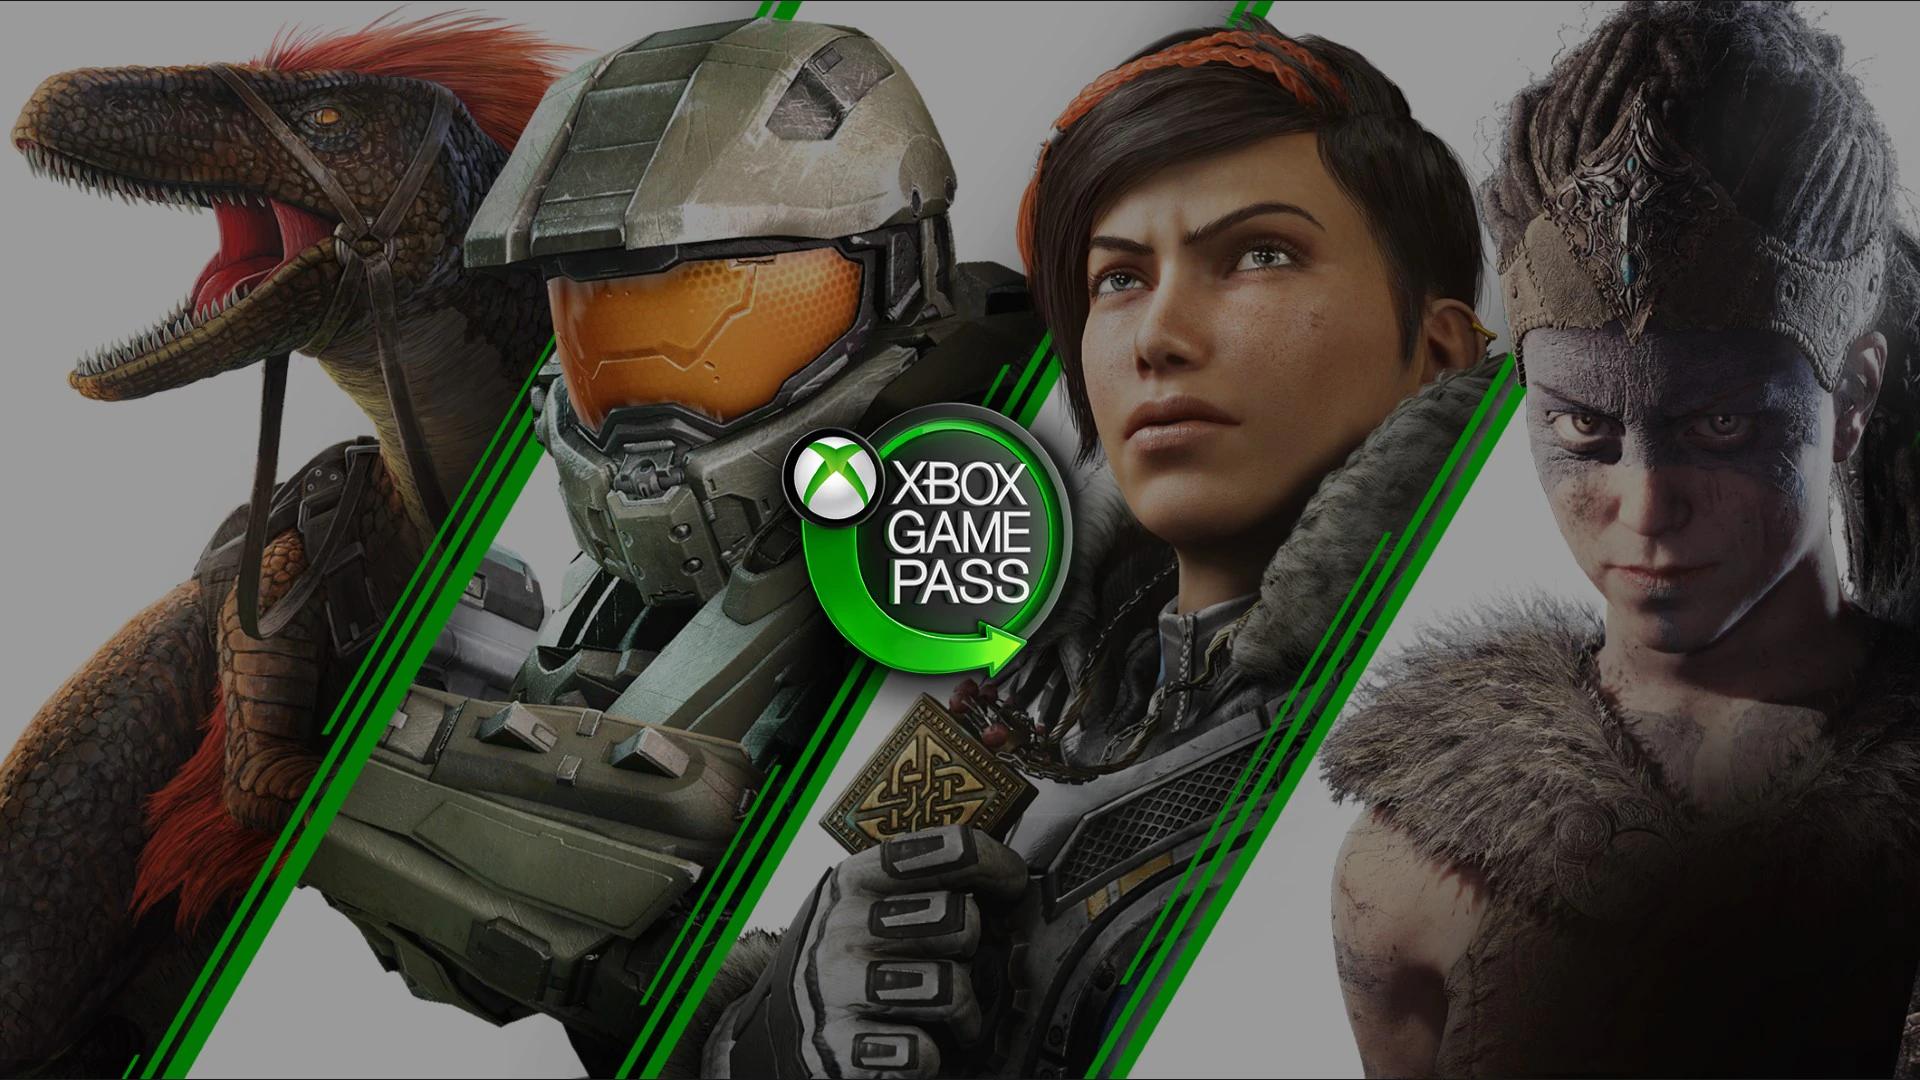 Entenda o Xbox Game Pass e veja se vale a pena assinar o serviço. (Foto: Divulgação/Microsoft)